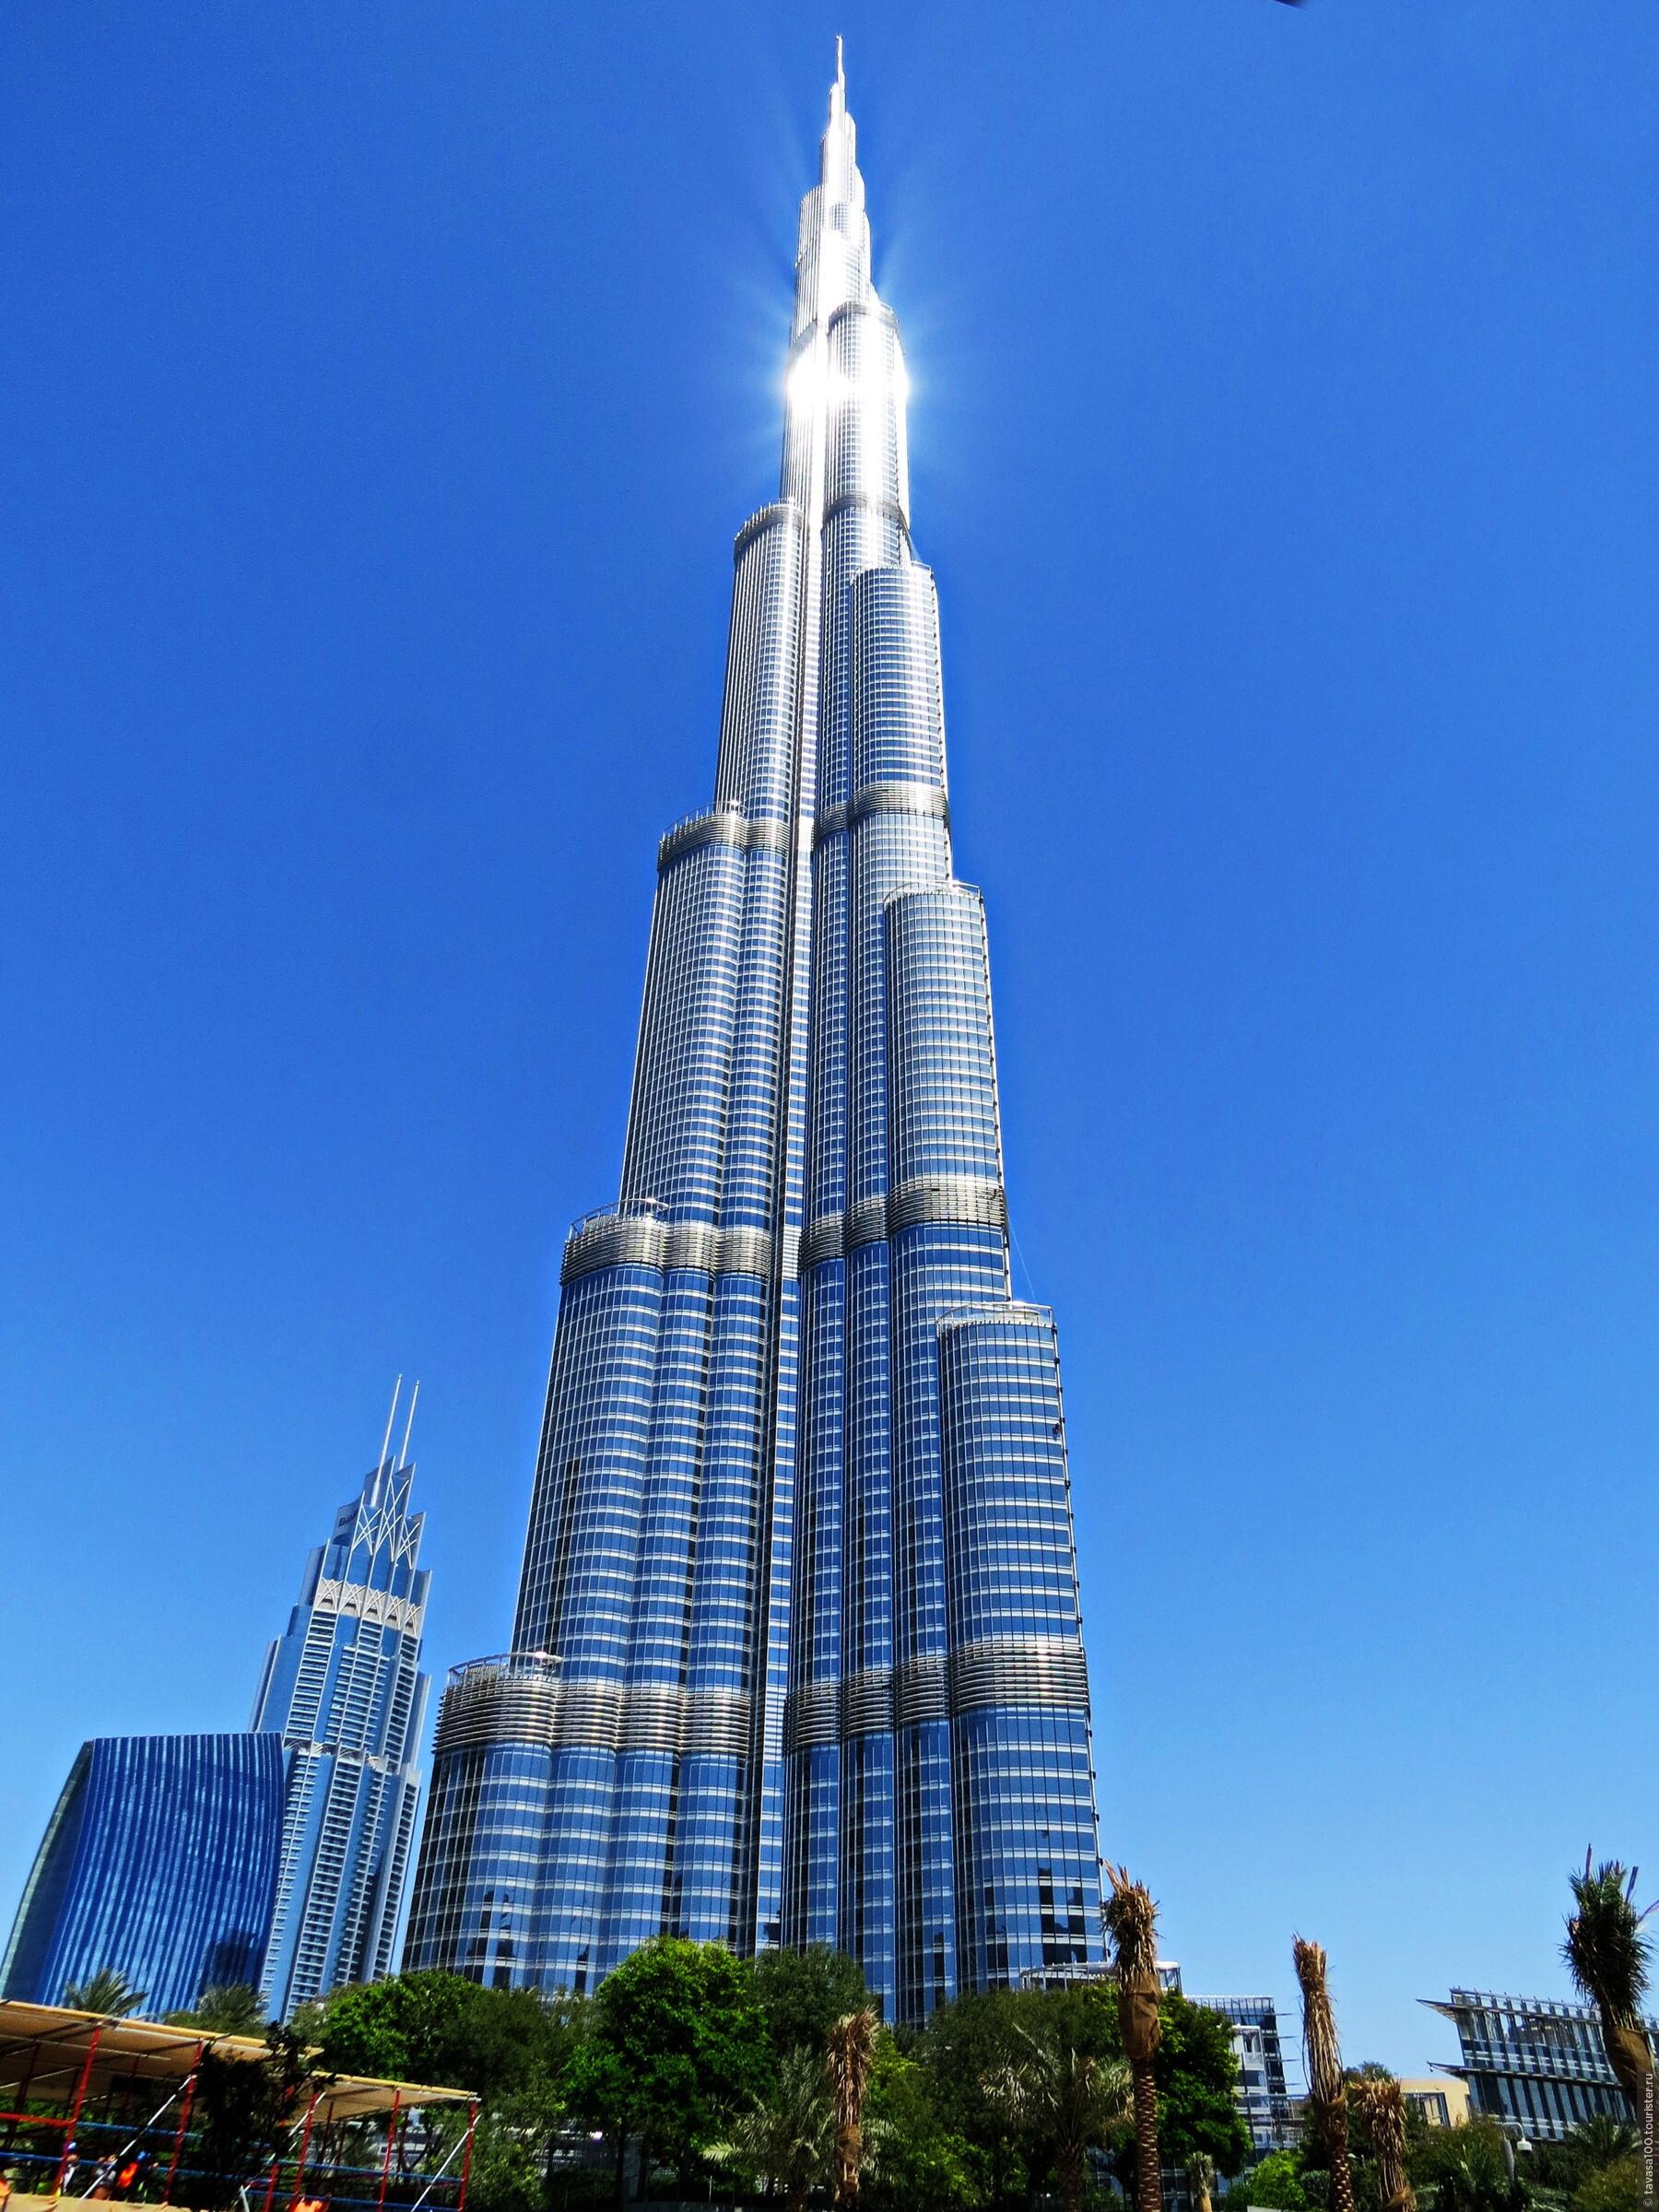 самый большой небоскреб в мире фото даже таком